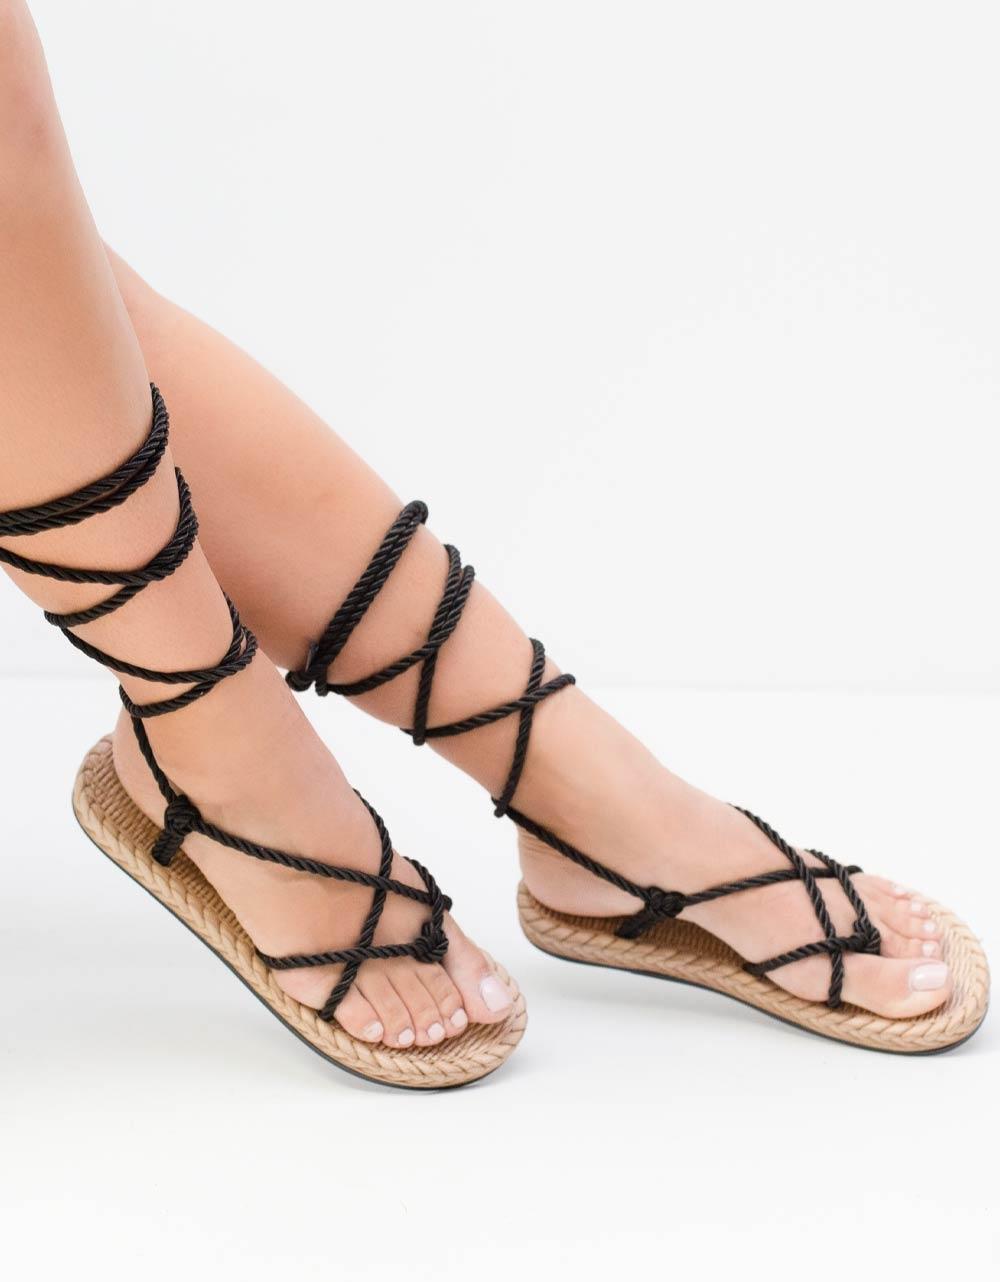 Εικόνα από Γυναικεία σανδάλια lace up με αφρόδη πάτο Μαύρο